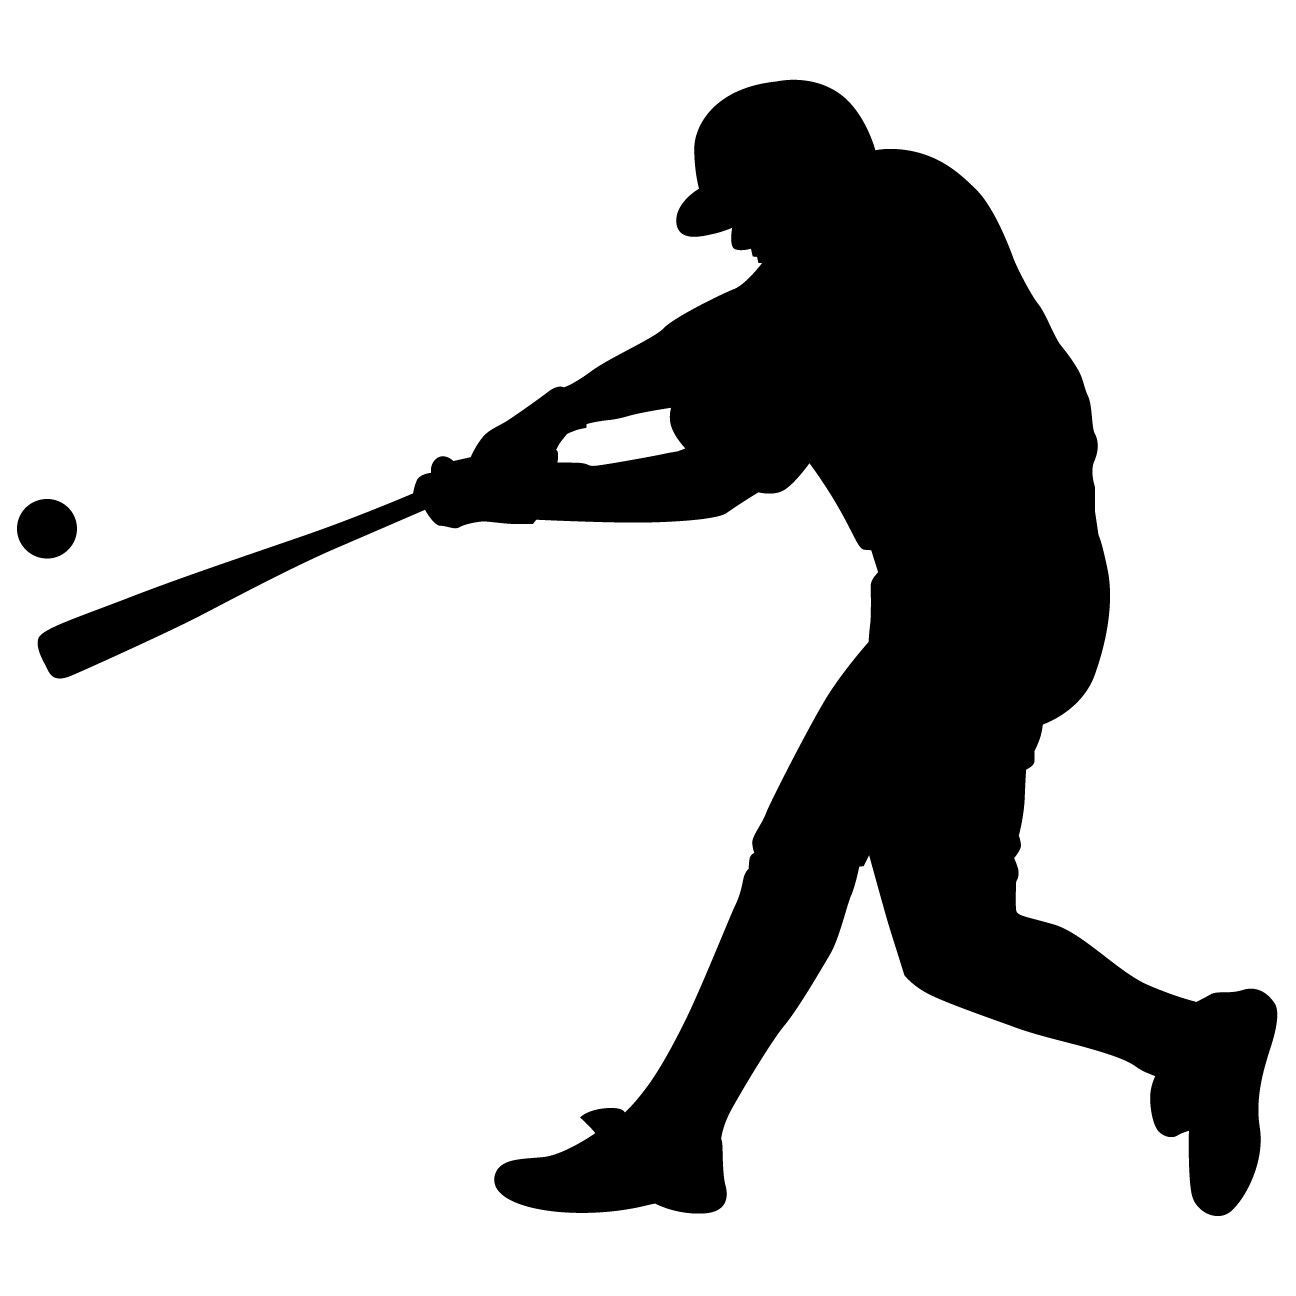 Baseball Batter Wall Decal Sticker 43